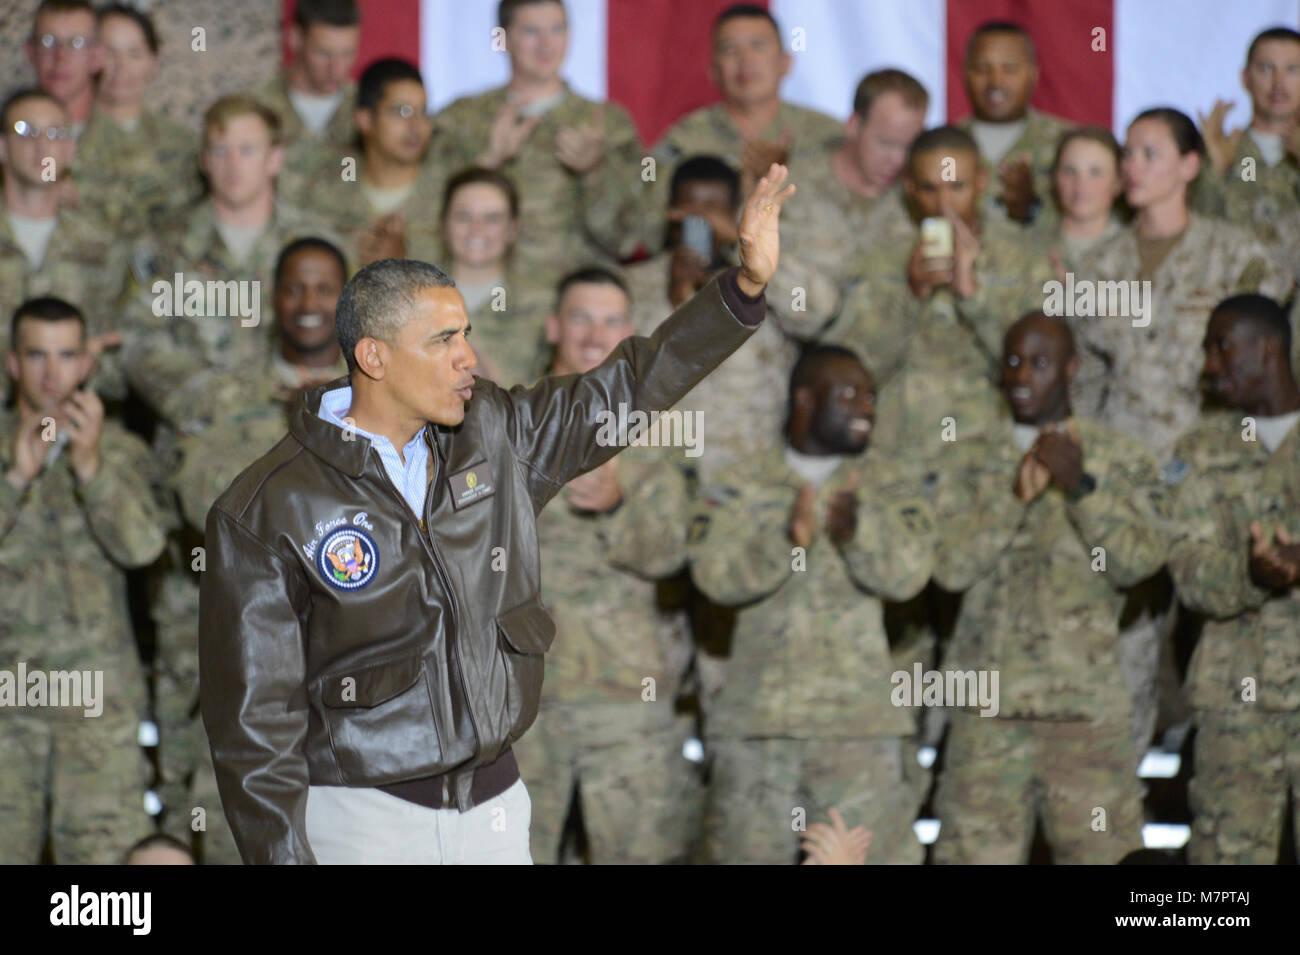 Fantastisch Armee Sergeant Lebenslauf Beispiele Fotos - Entry Level ...